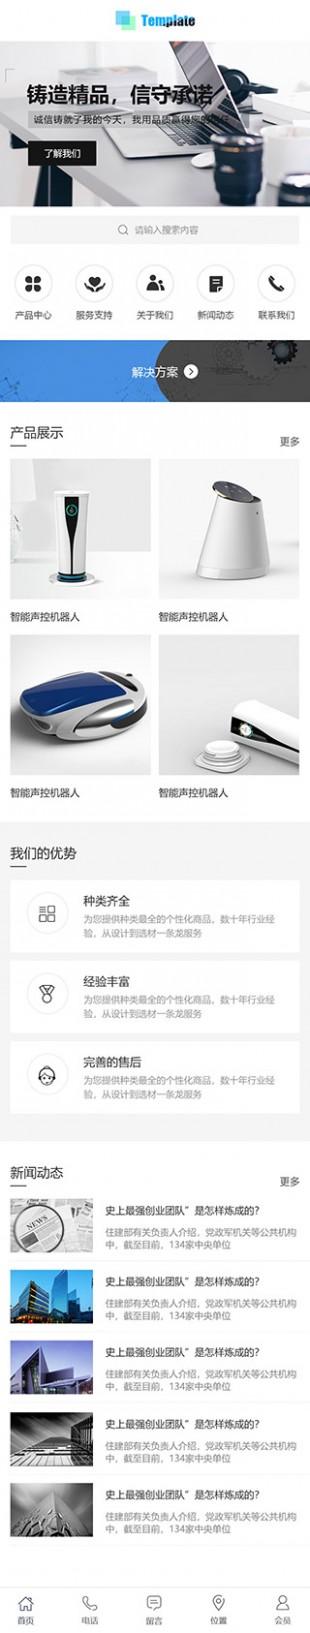 通用产品网站建设模板手机图片